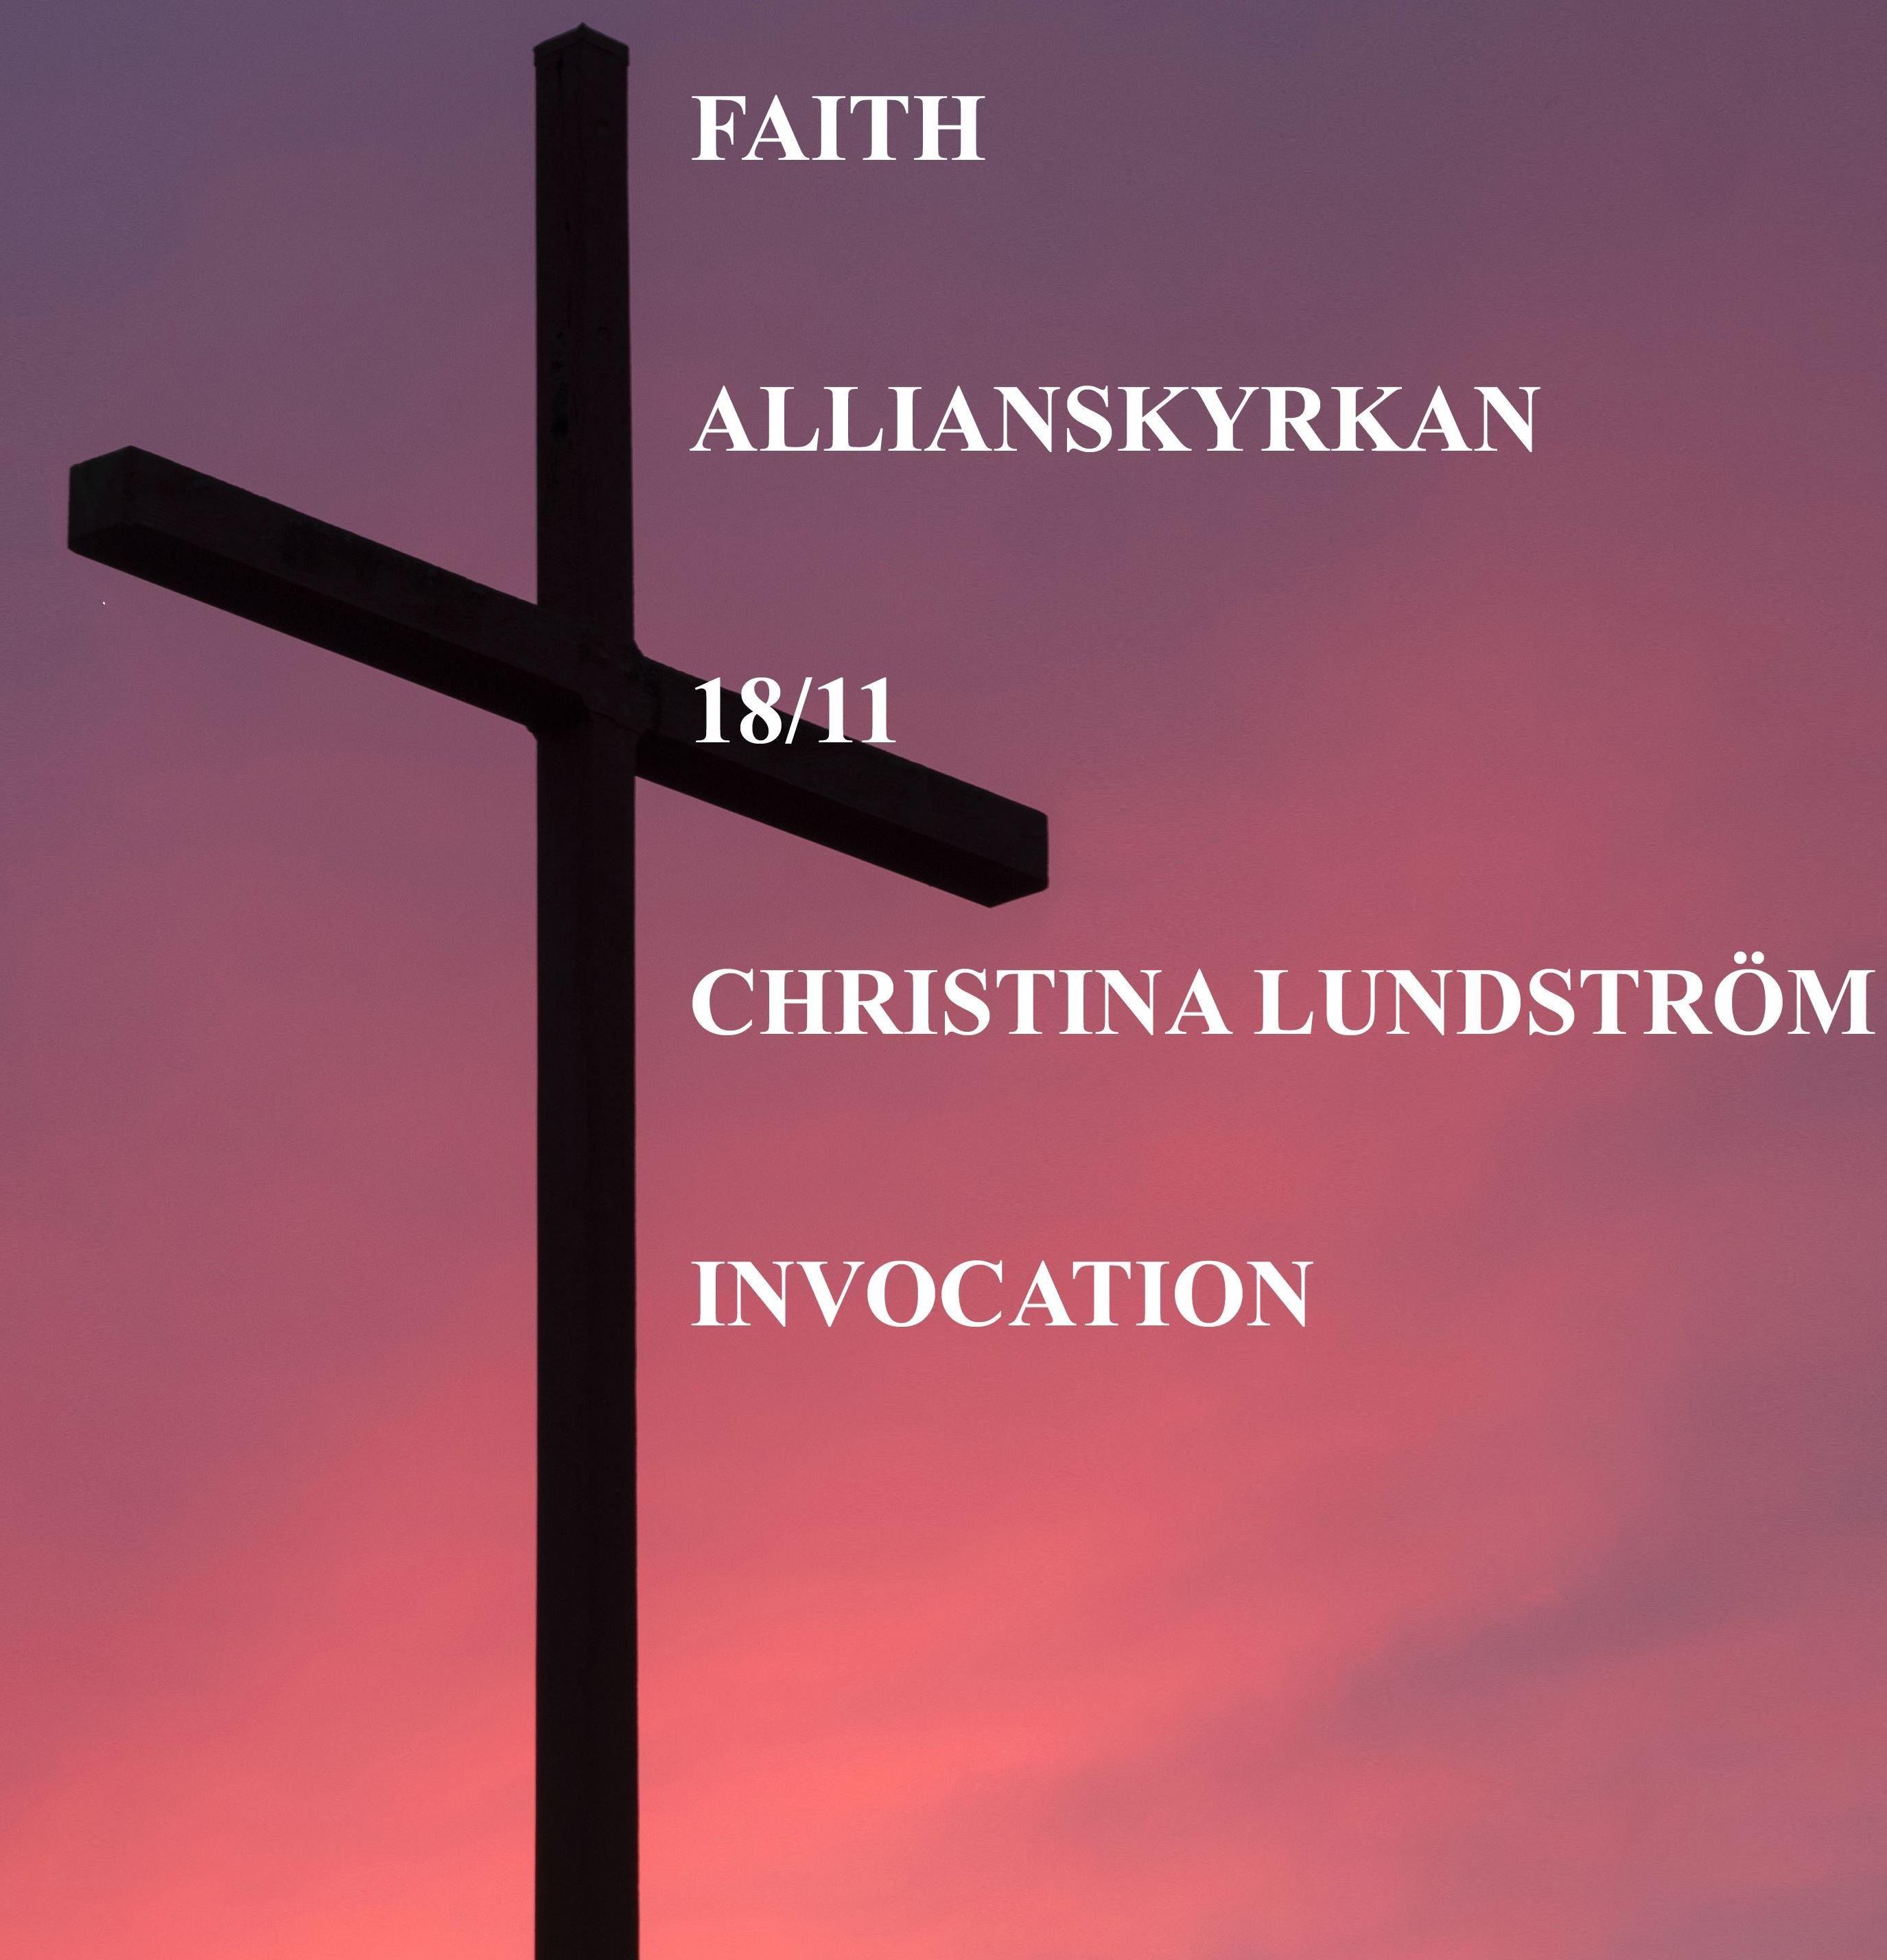 hoto by Aaron Burden on Unsplash, FAITH - Allianskyrkan